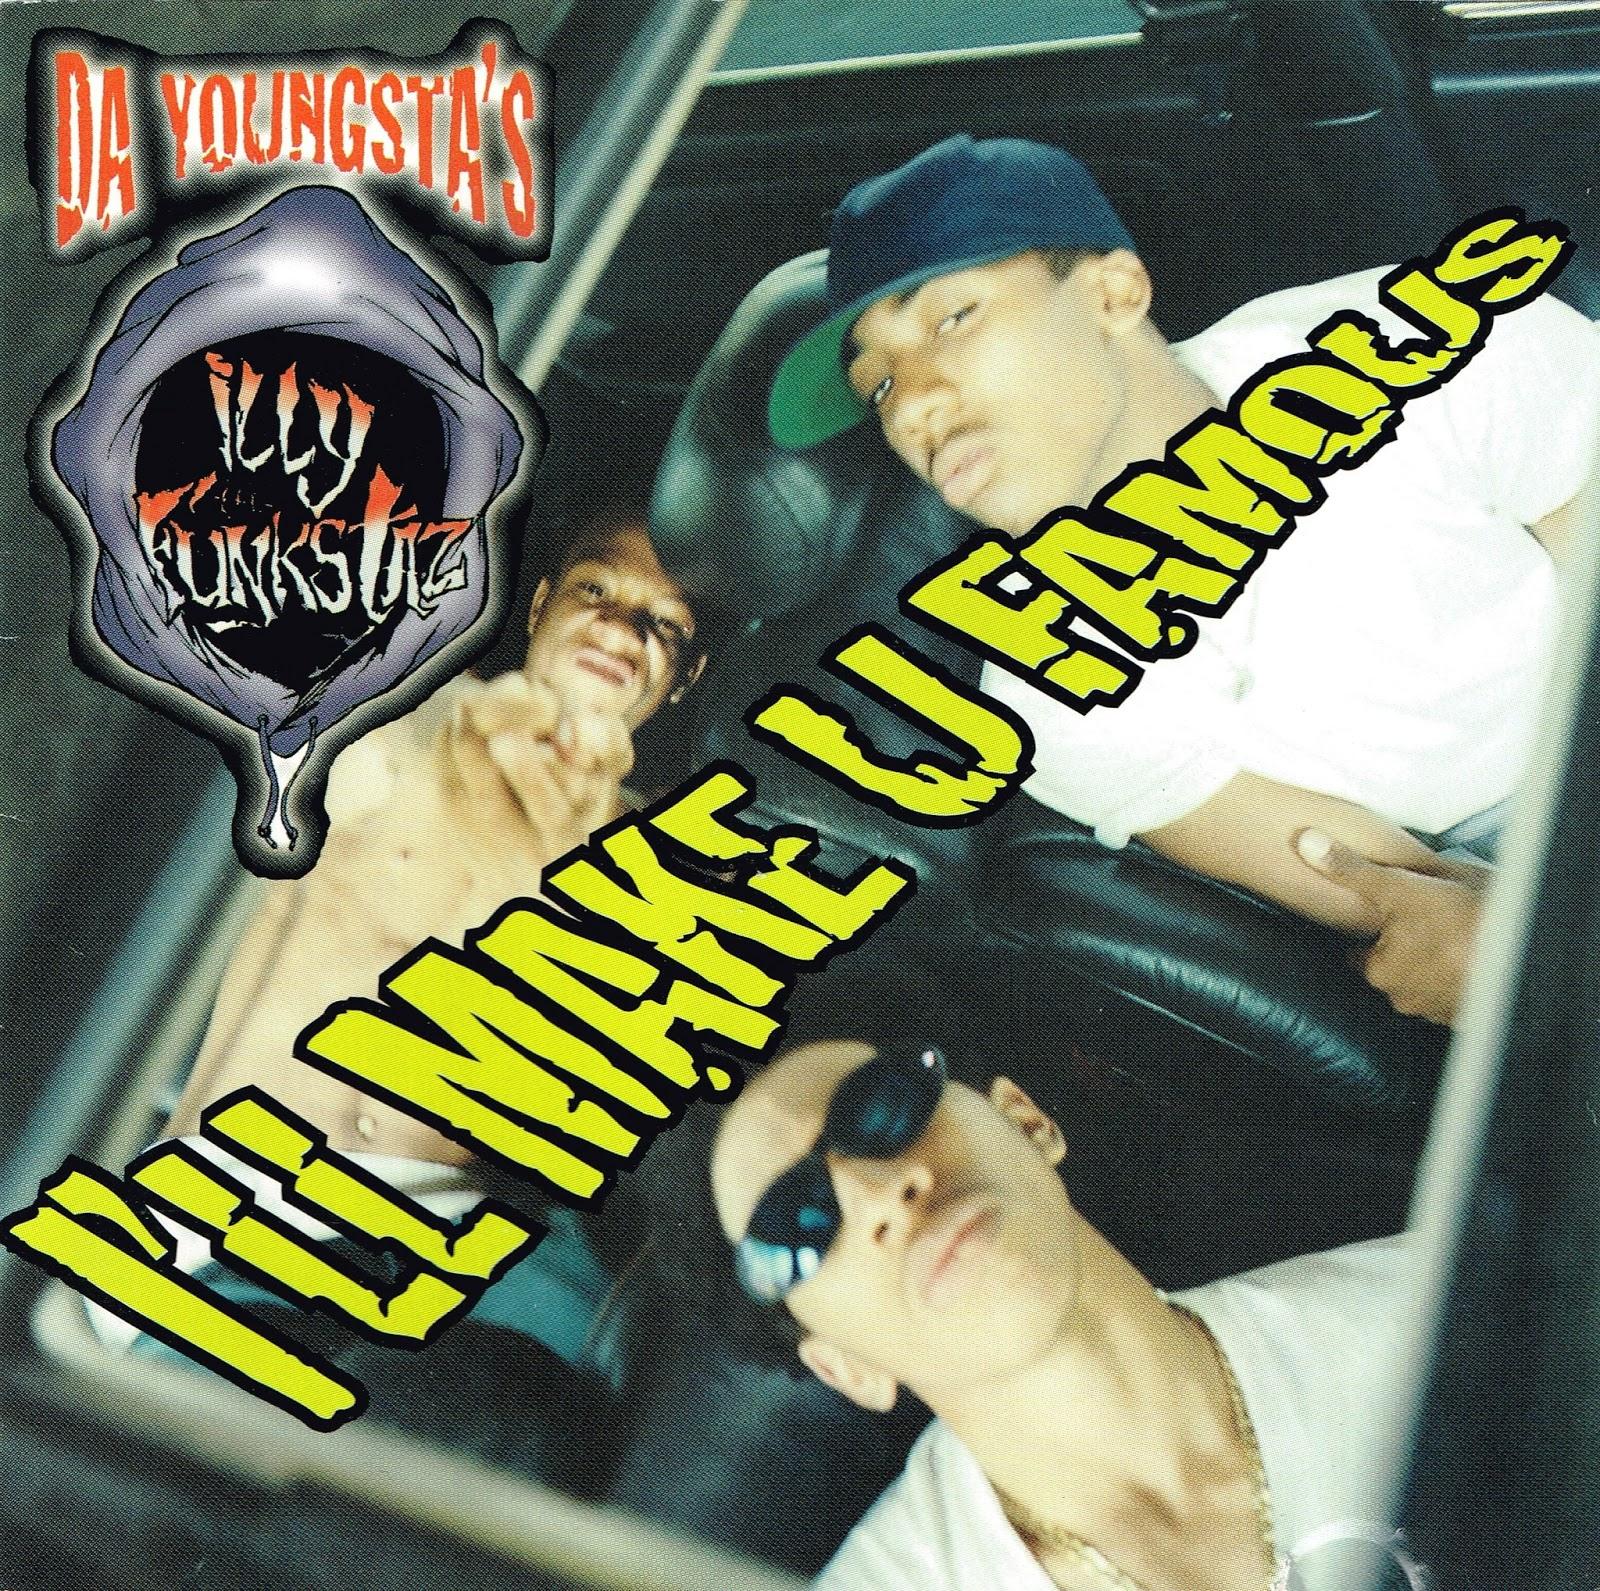 Illy Funkstaz